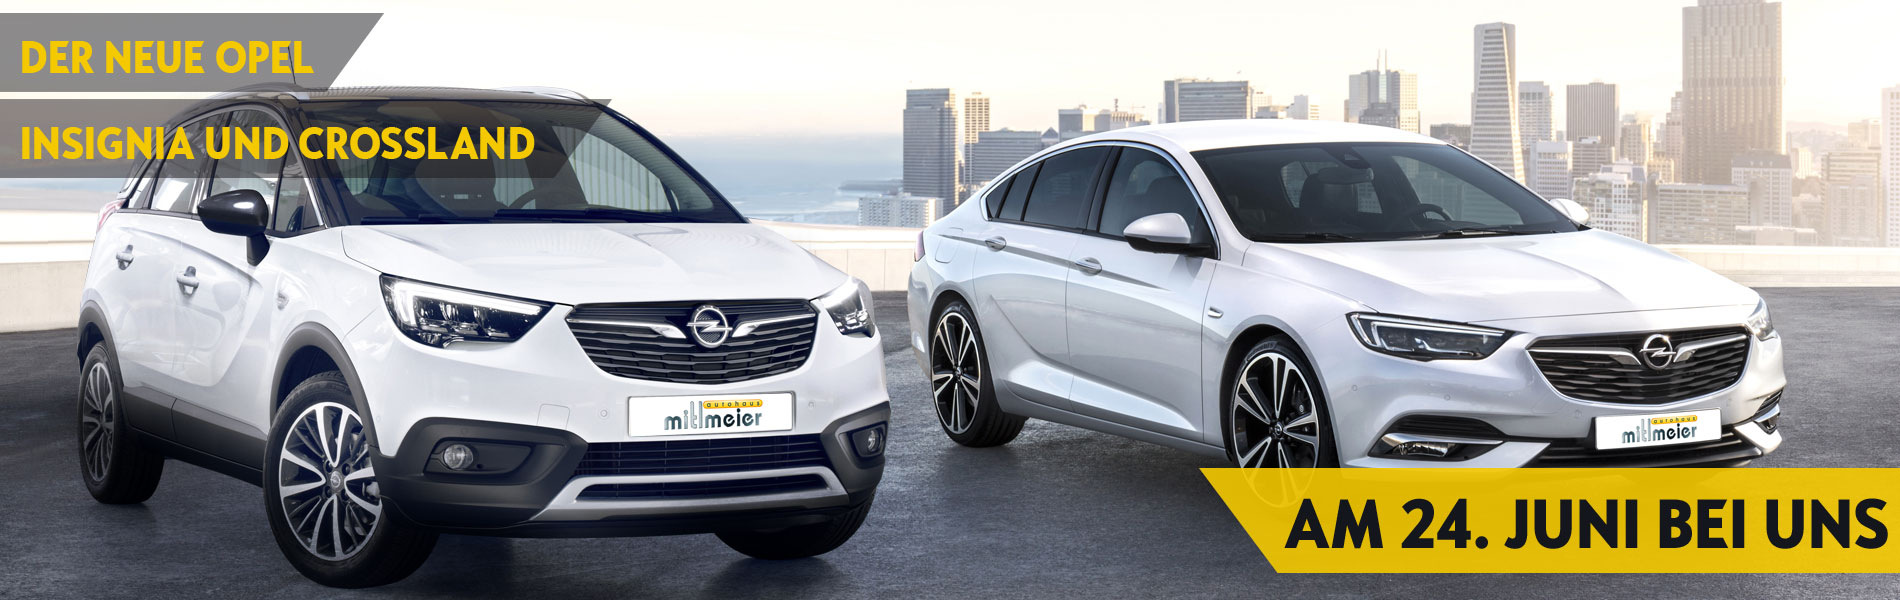 Der neue Opel Insignia und Crossland am 24 Juni beim Autohaus Mitlmeier